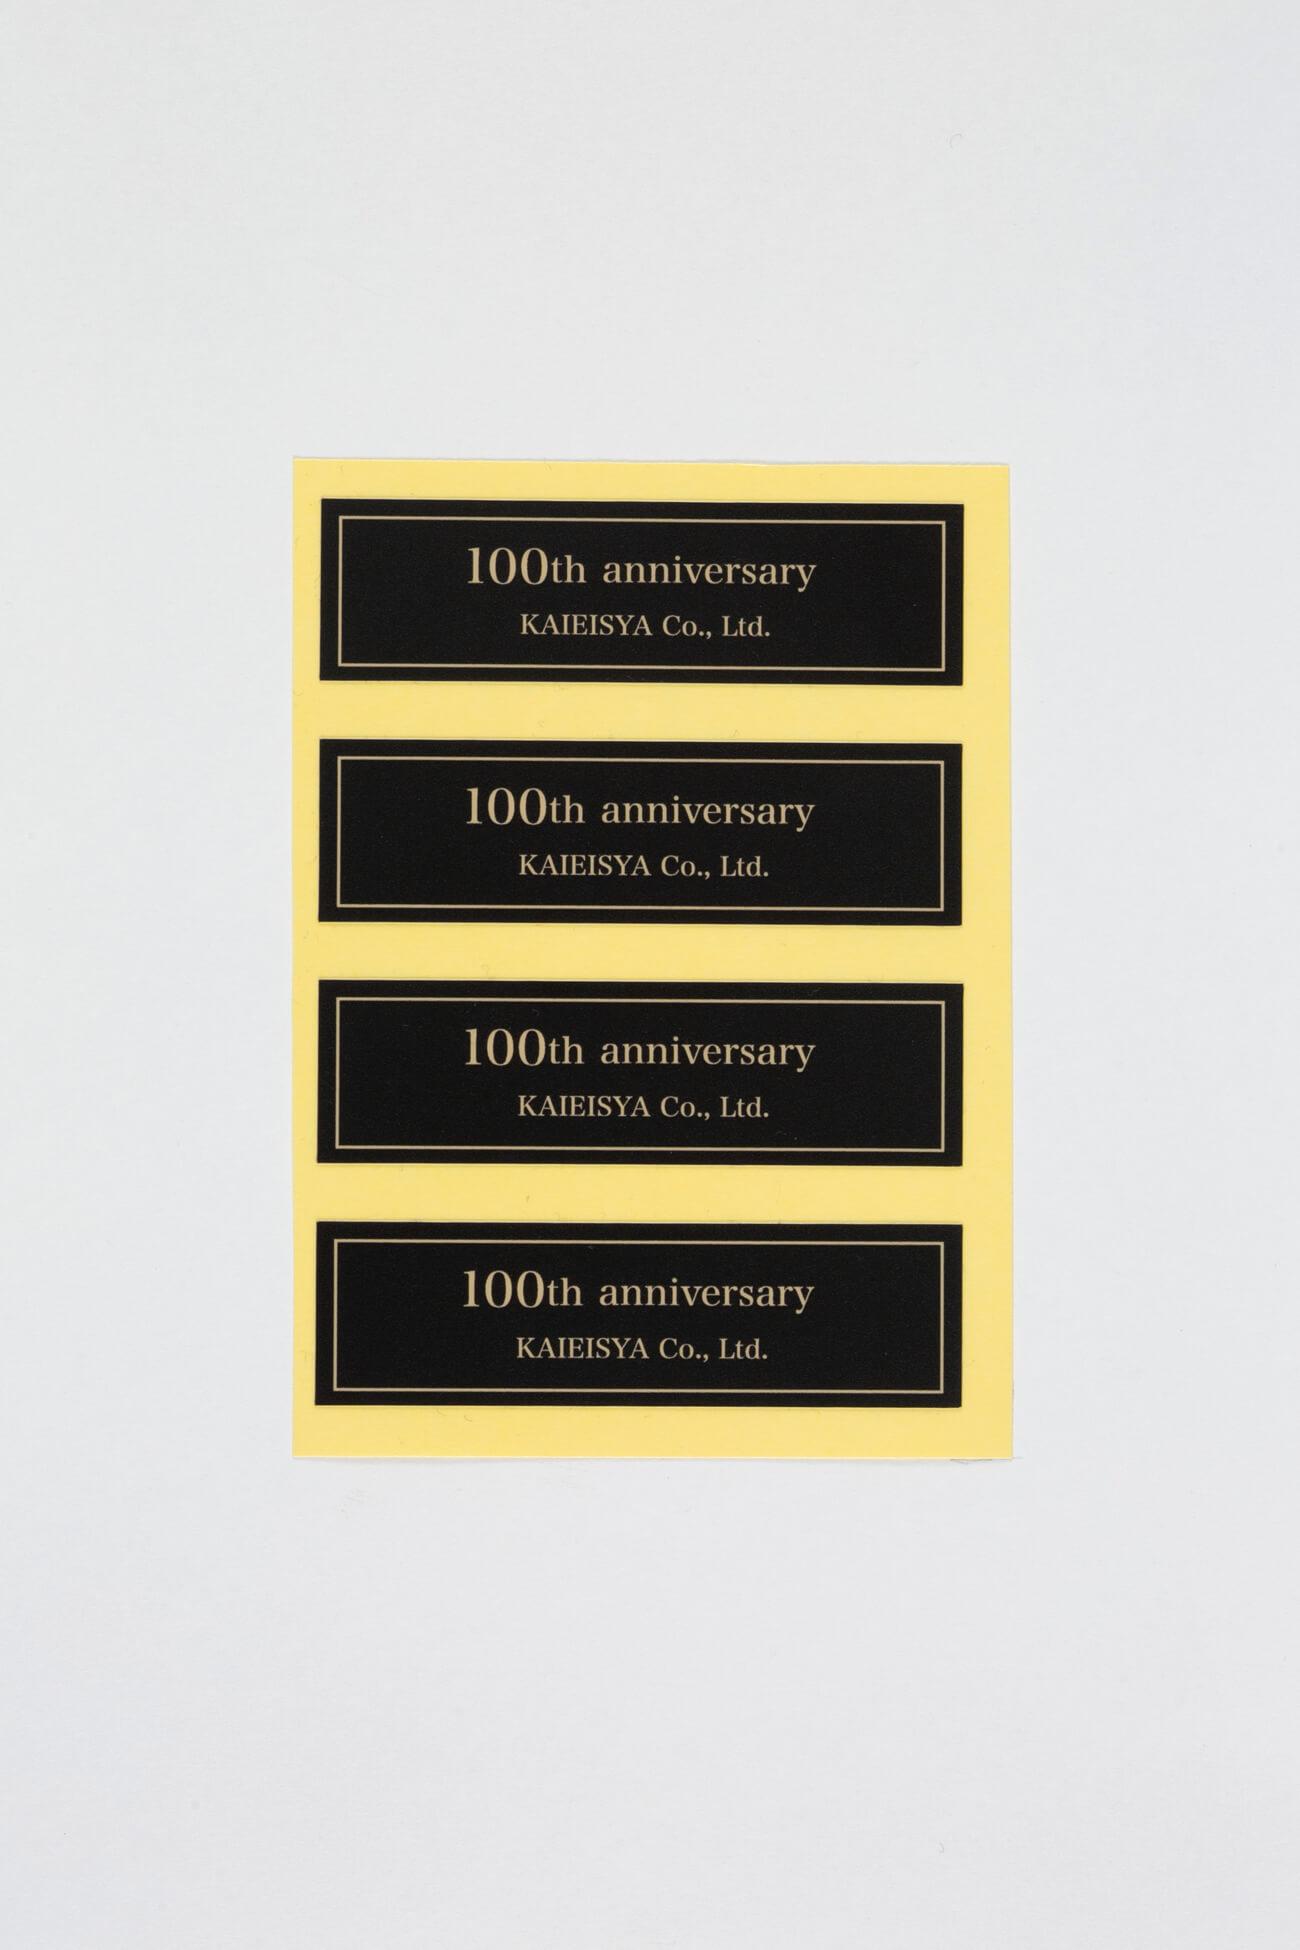 姫路市 株式会社快英社様 100周年シール制作1